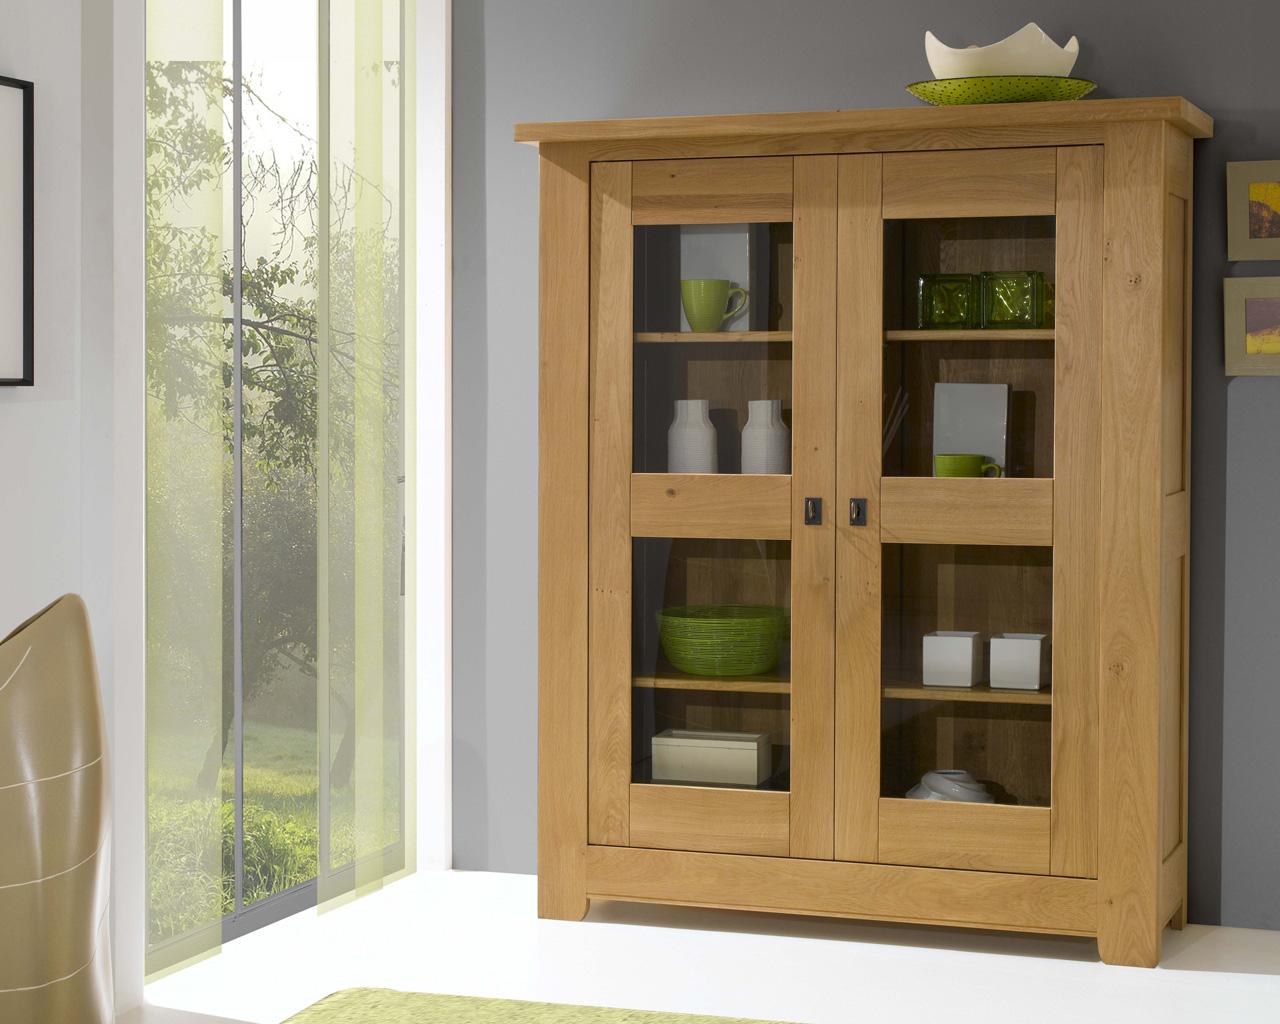 Meuble vitrine 2 portes alicia meubles turone - Meuble chene clair ...